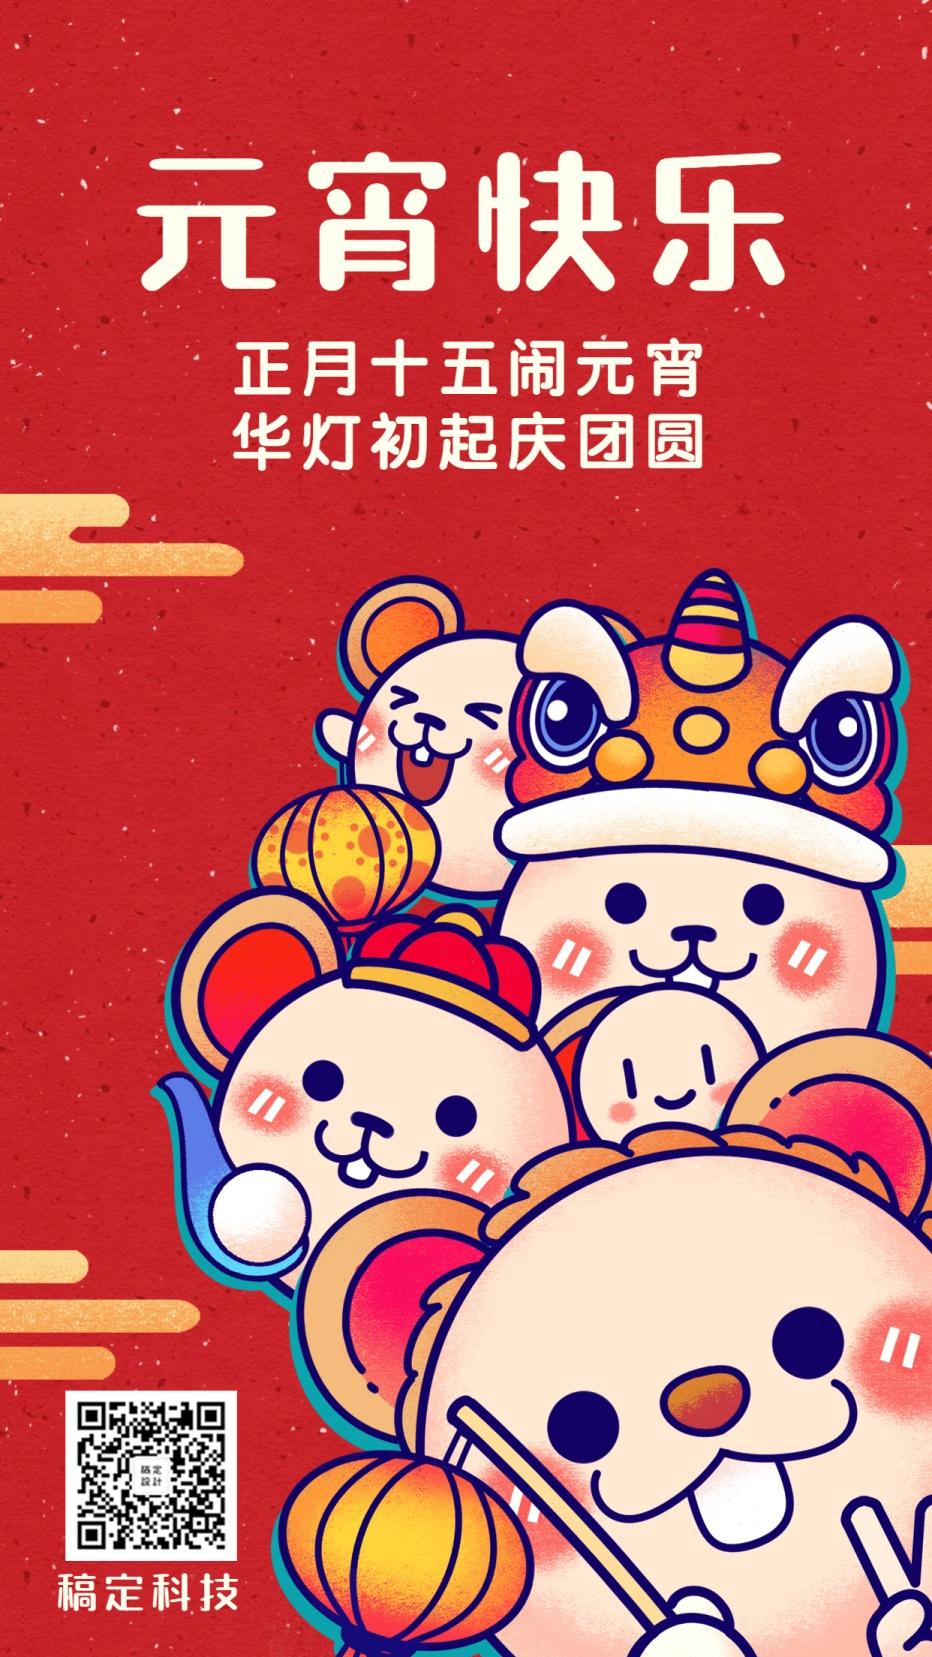 鼠年元宵节节日祝福可爱汤圆手机海报